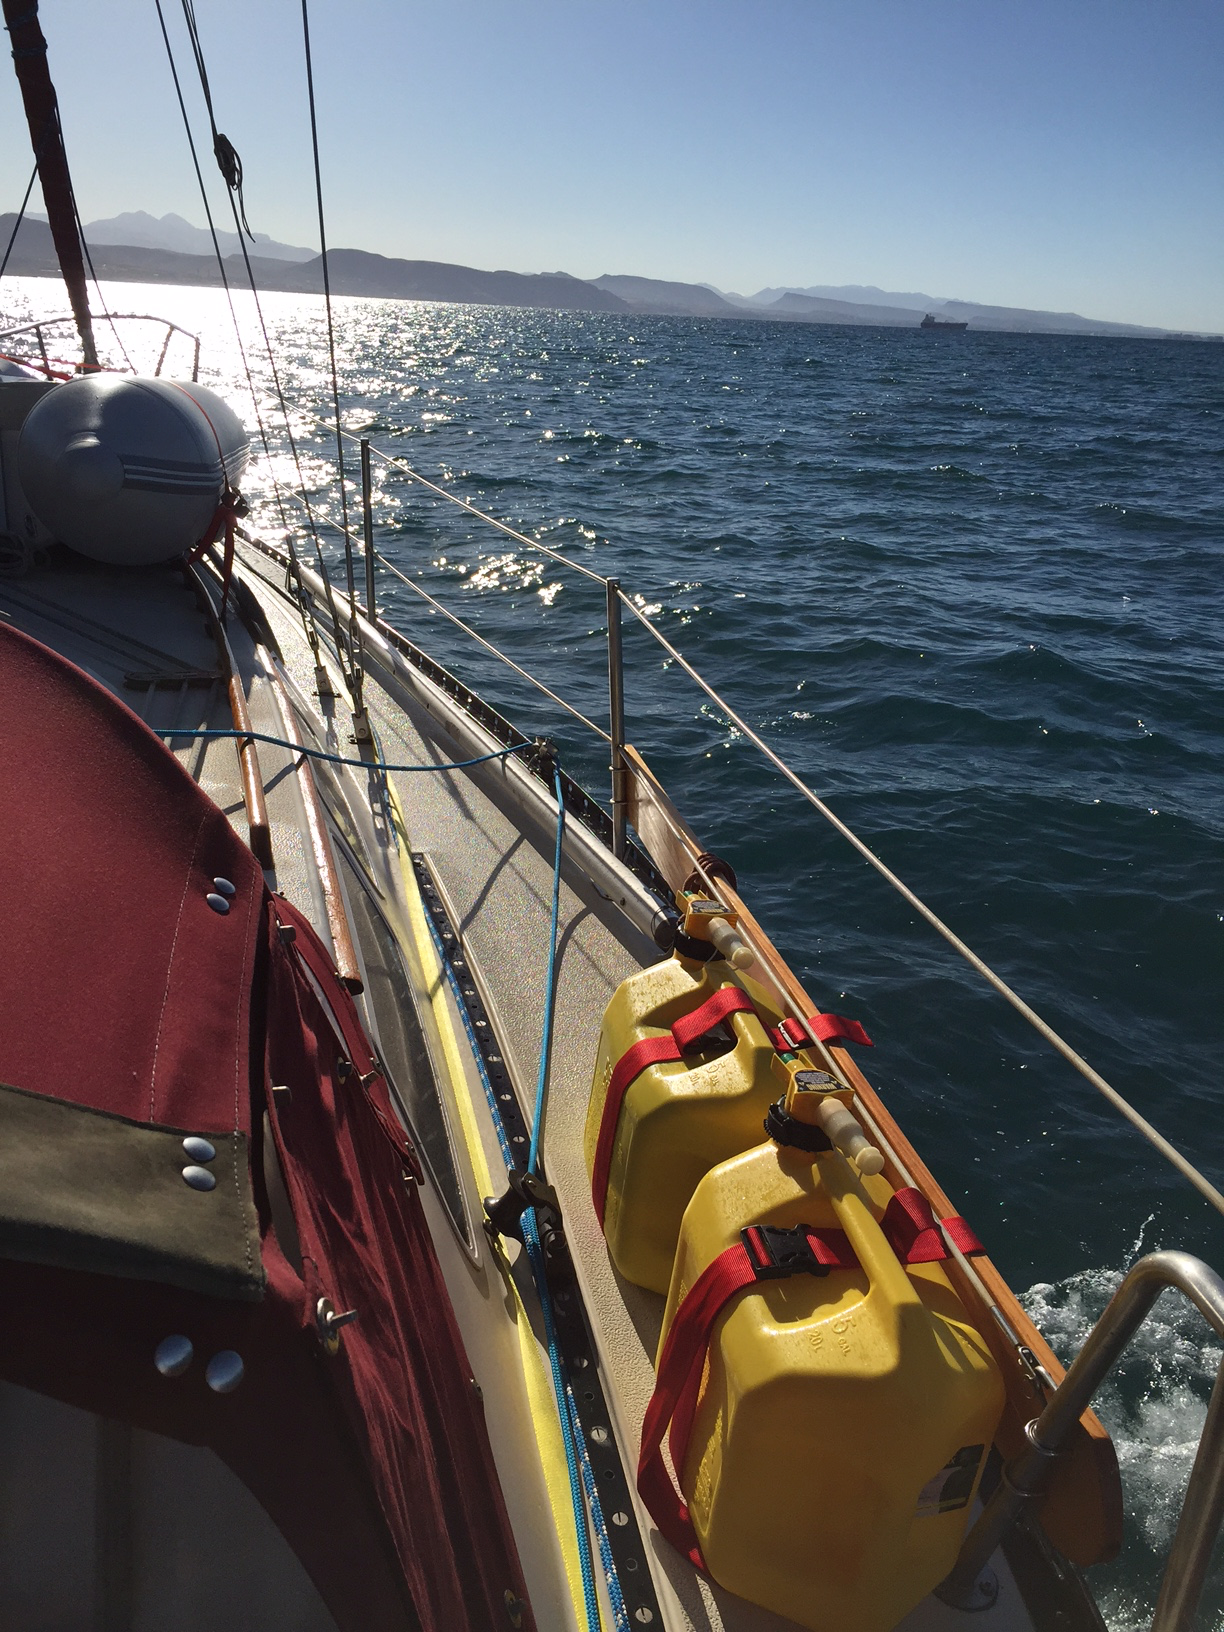 Sailing lapaz channel